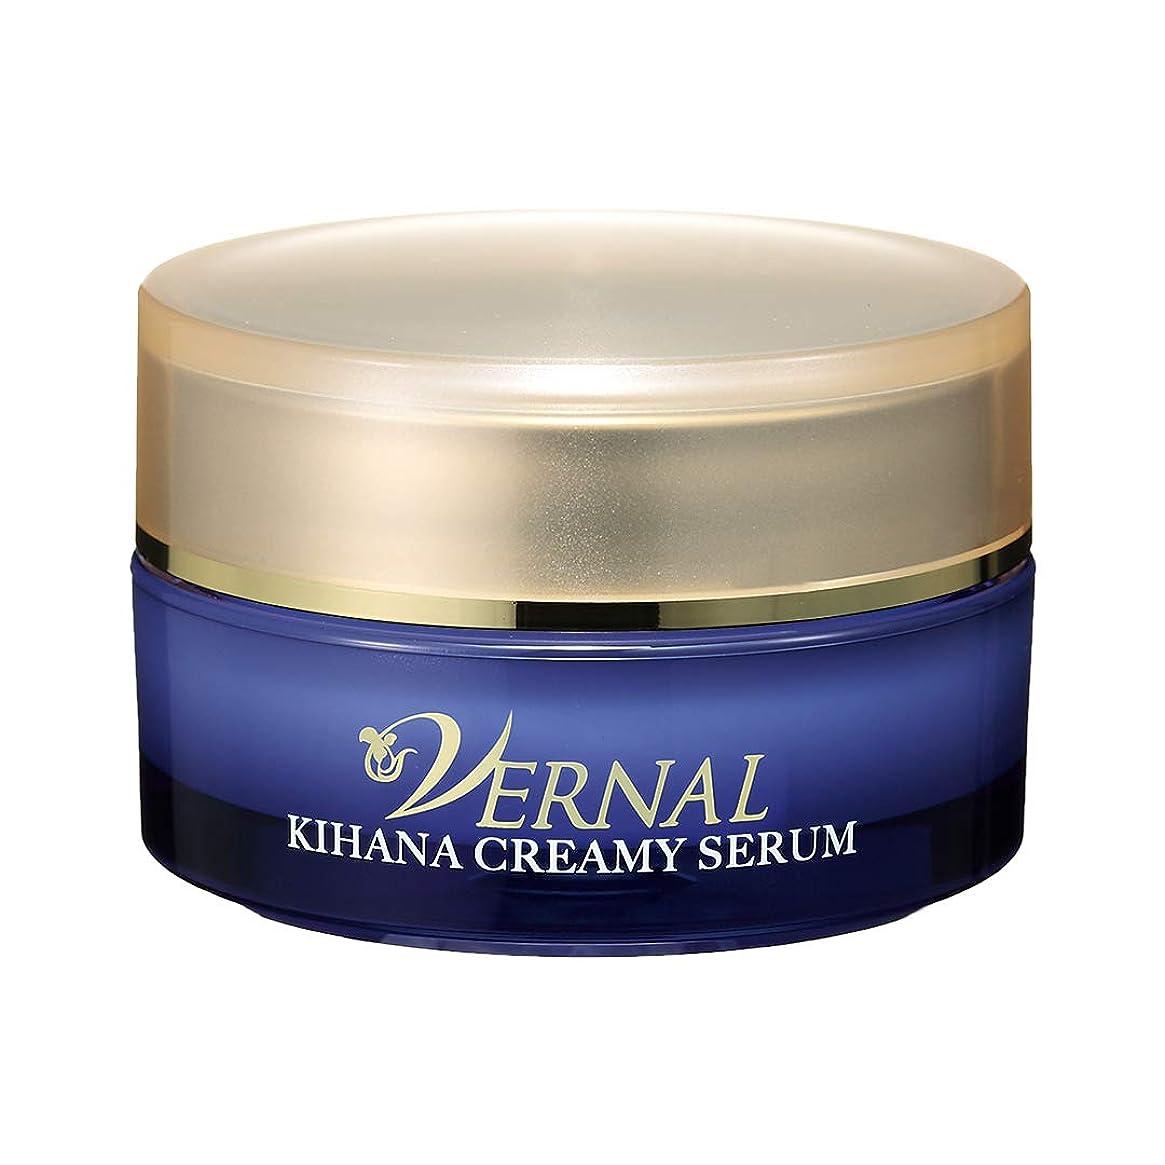 ジェム撤退環境に優しいキハナクリーミーセラム 30g/ヴァーナル 美容液 美容クリーム